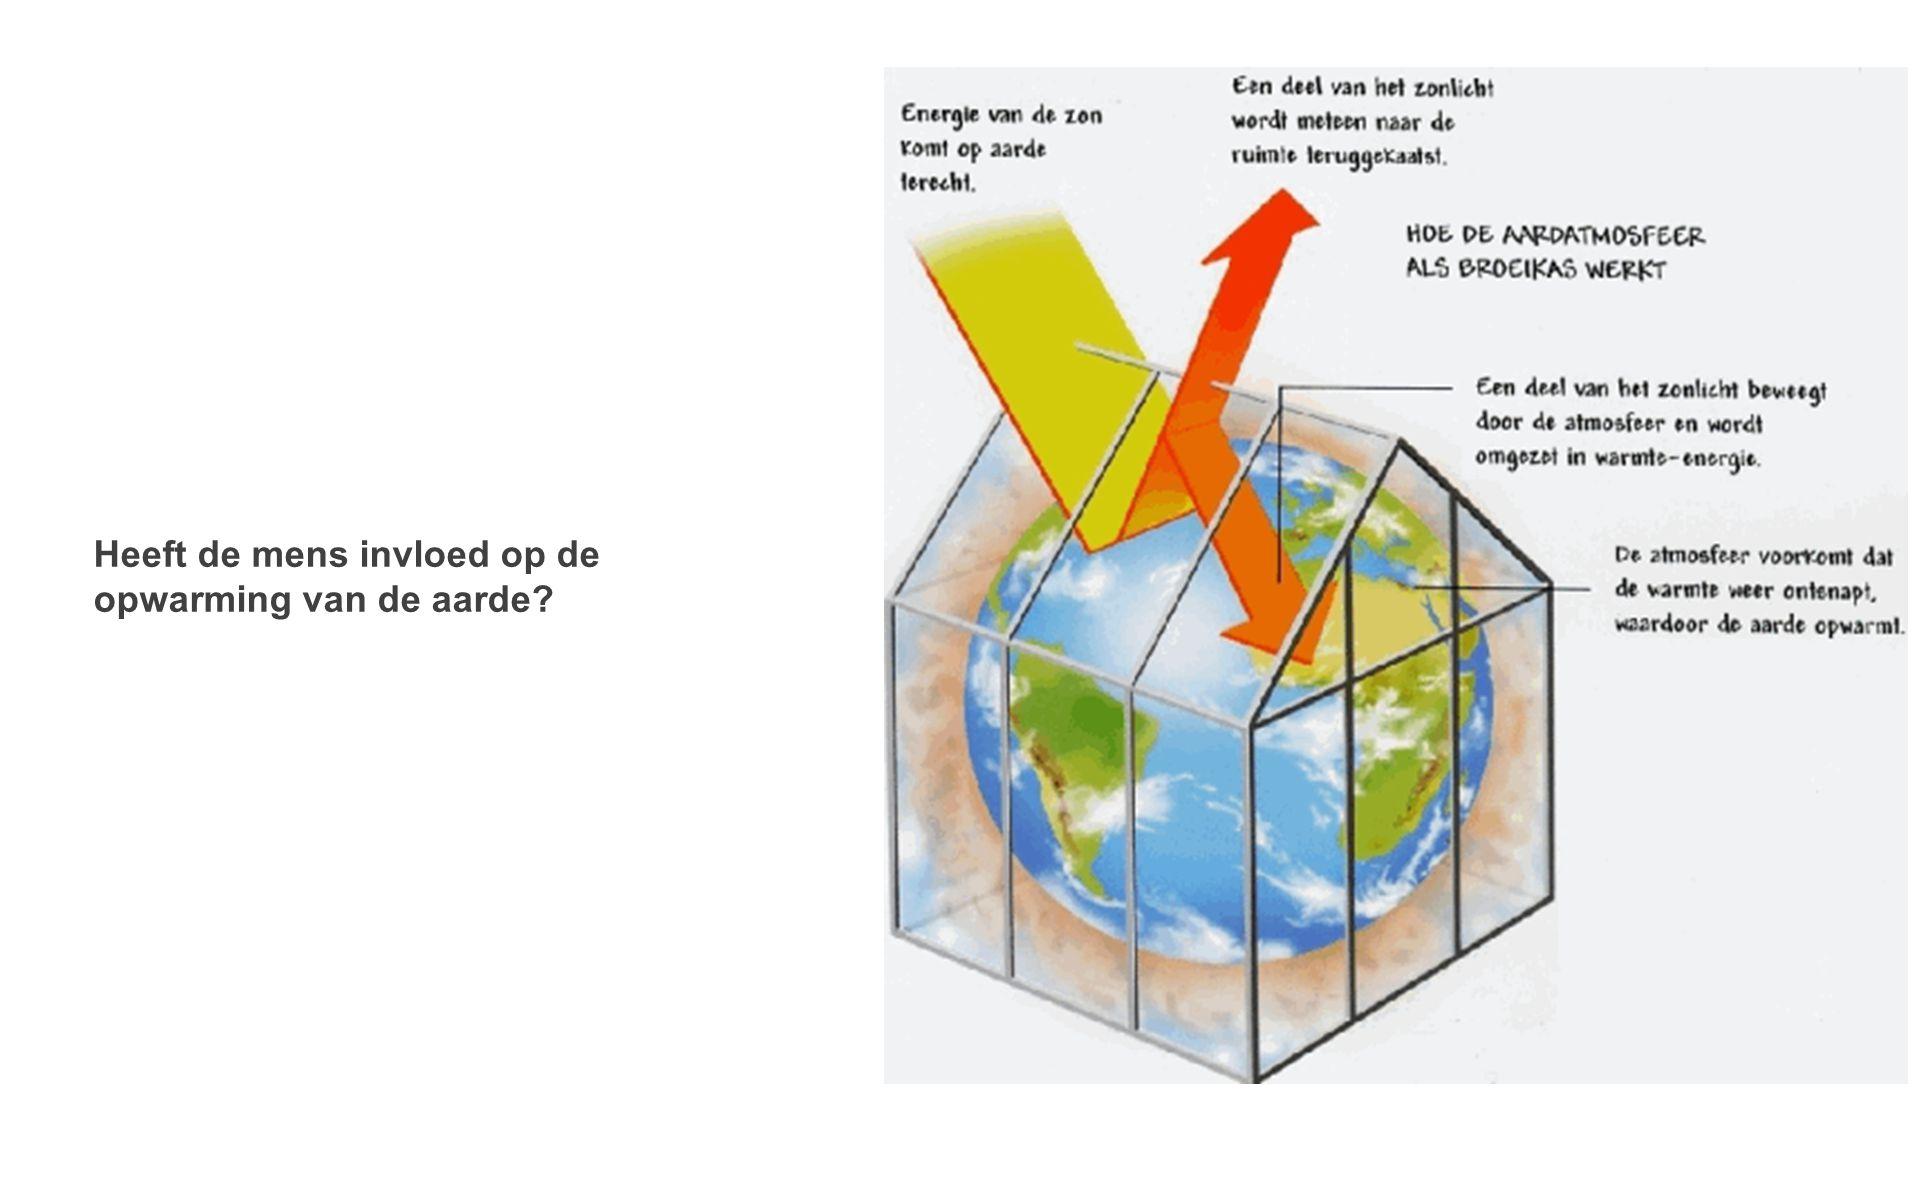 Heeft de mens invloed op de opwarming van de aarde?